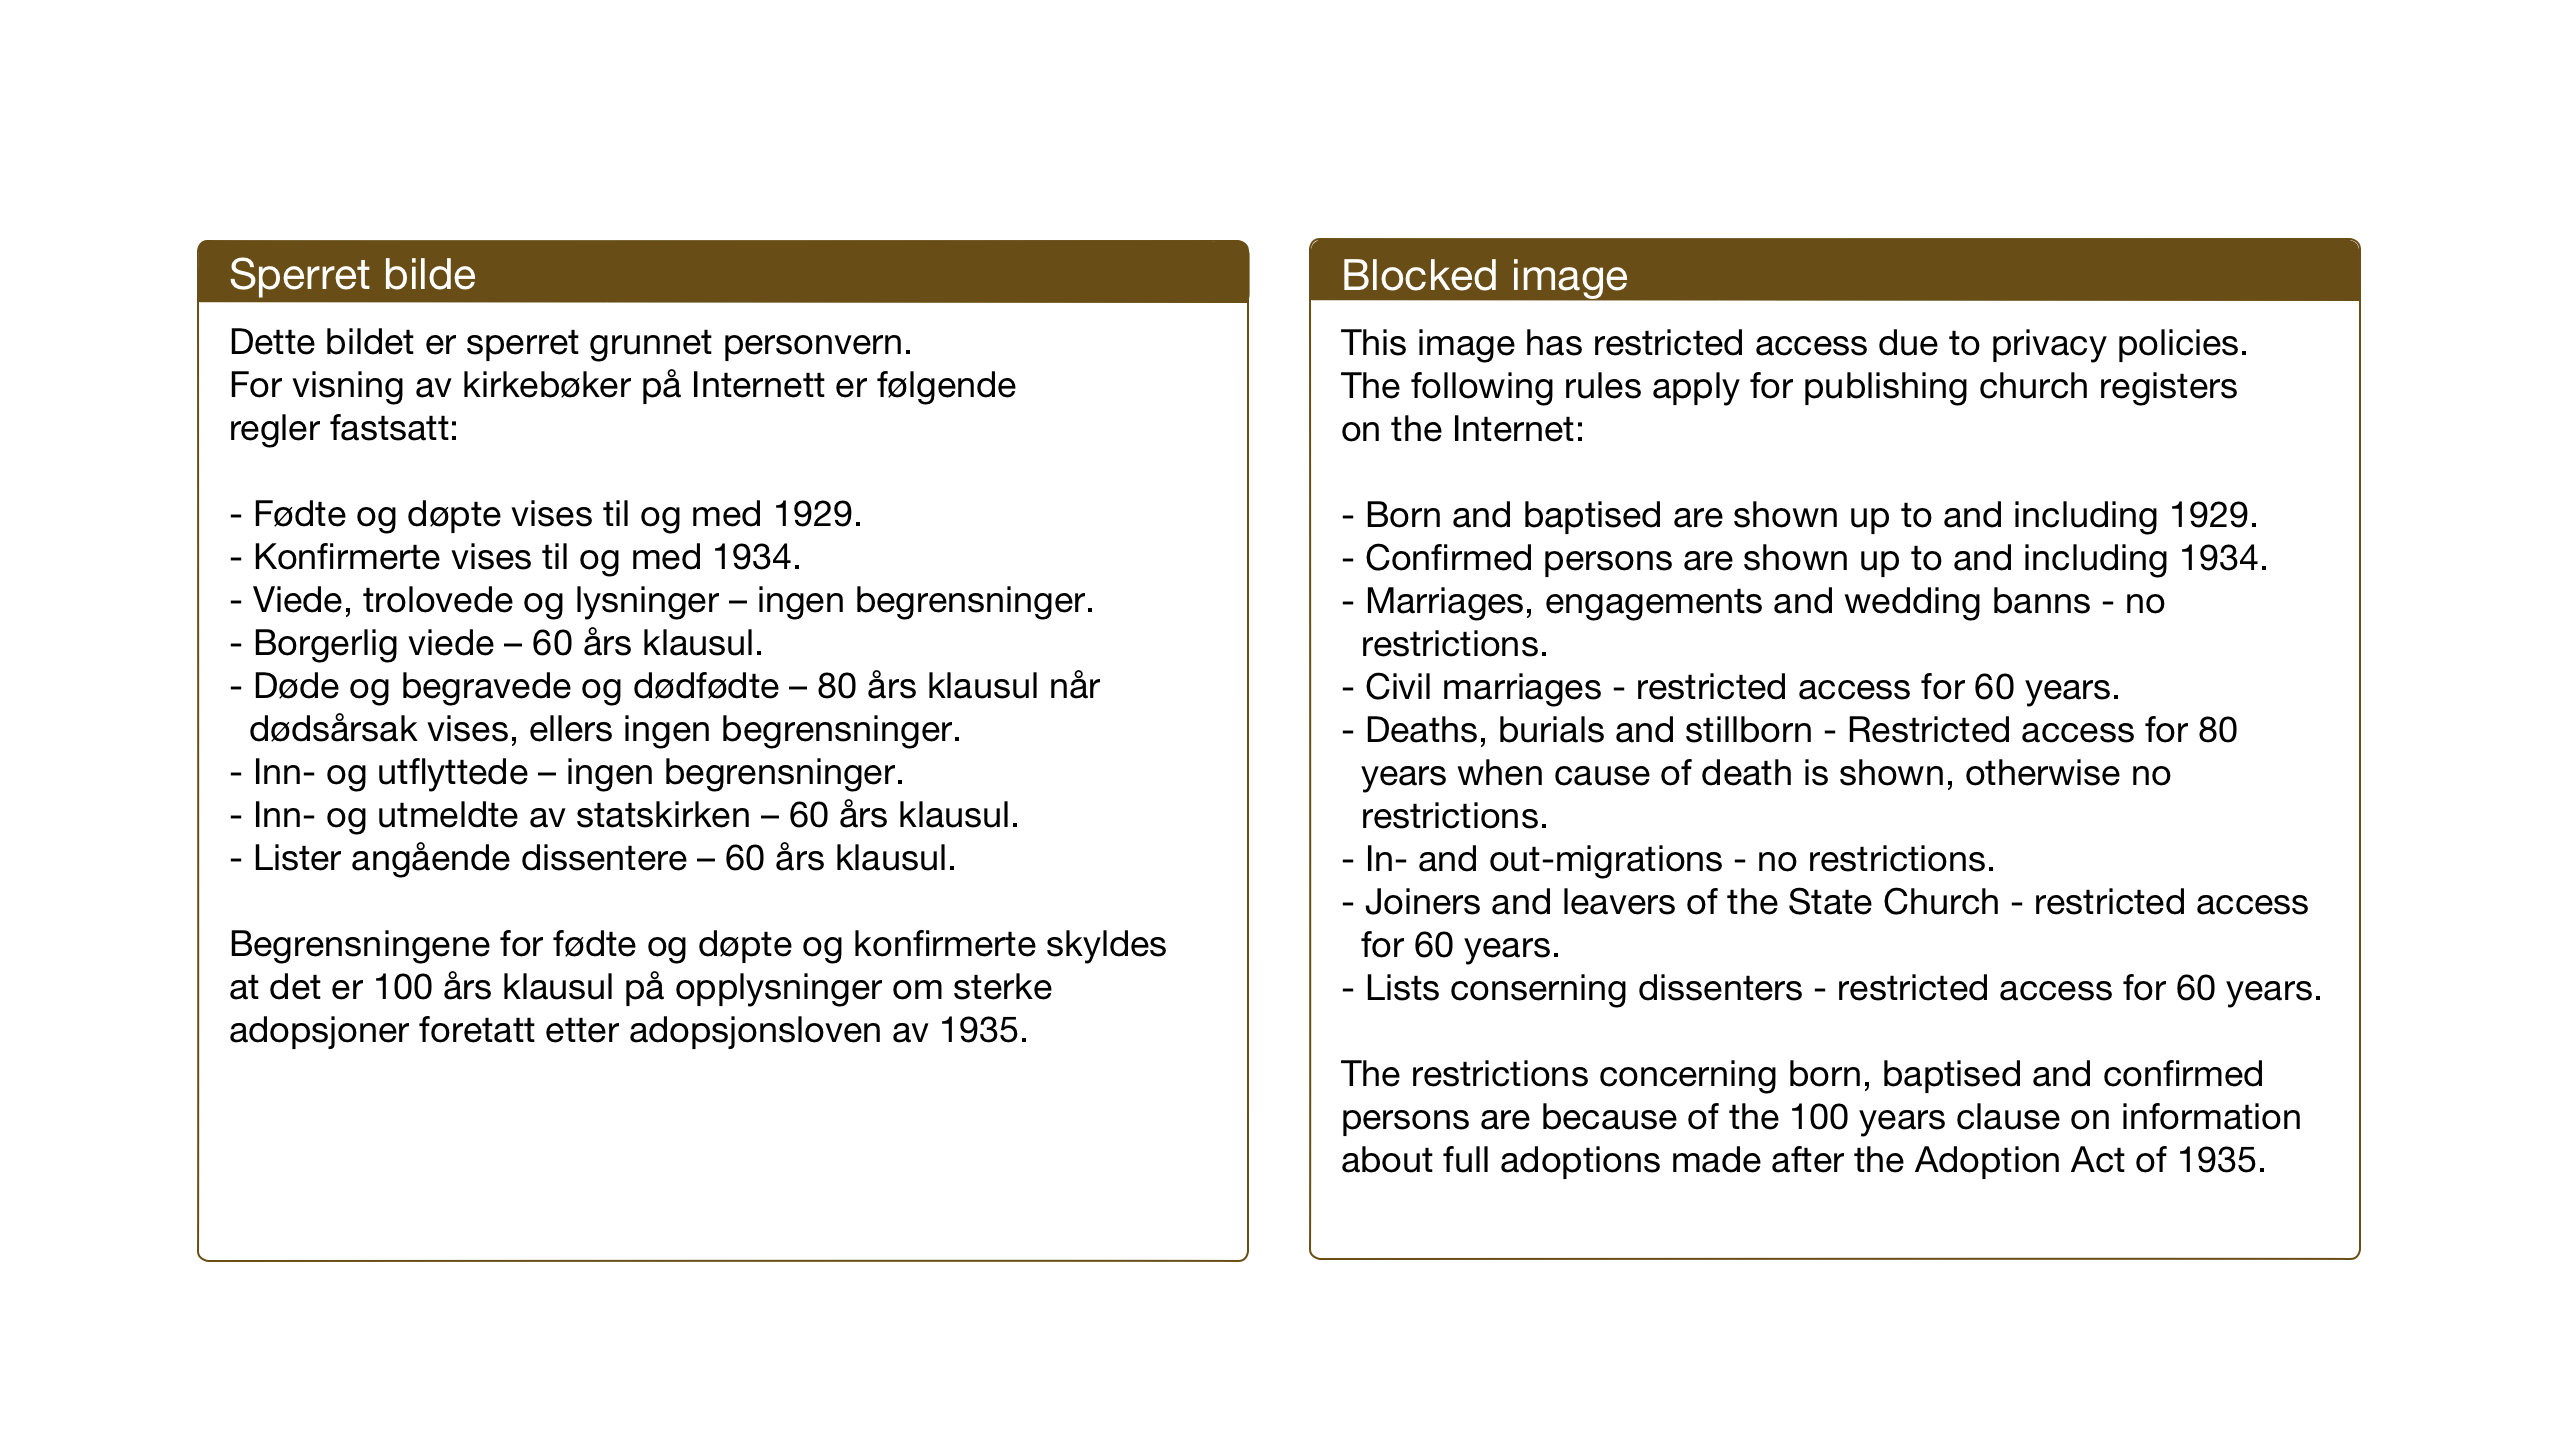 SAT, Ministerialprotokoller, klokkerbøker og fødselsregistre - Nord-Trøndelag, 749/L0481: Klokkerbok nr. 749C03, 1933-1945, s. 108